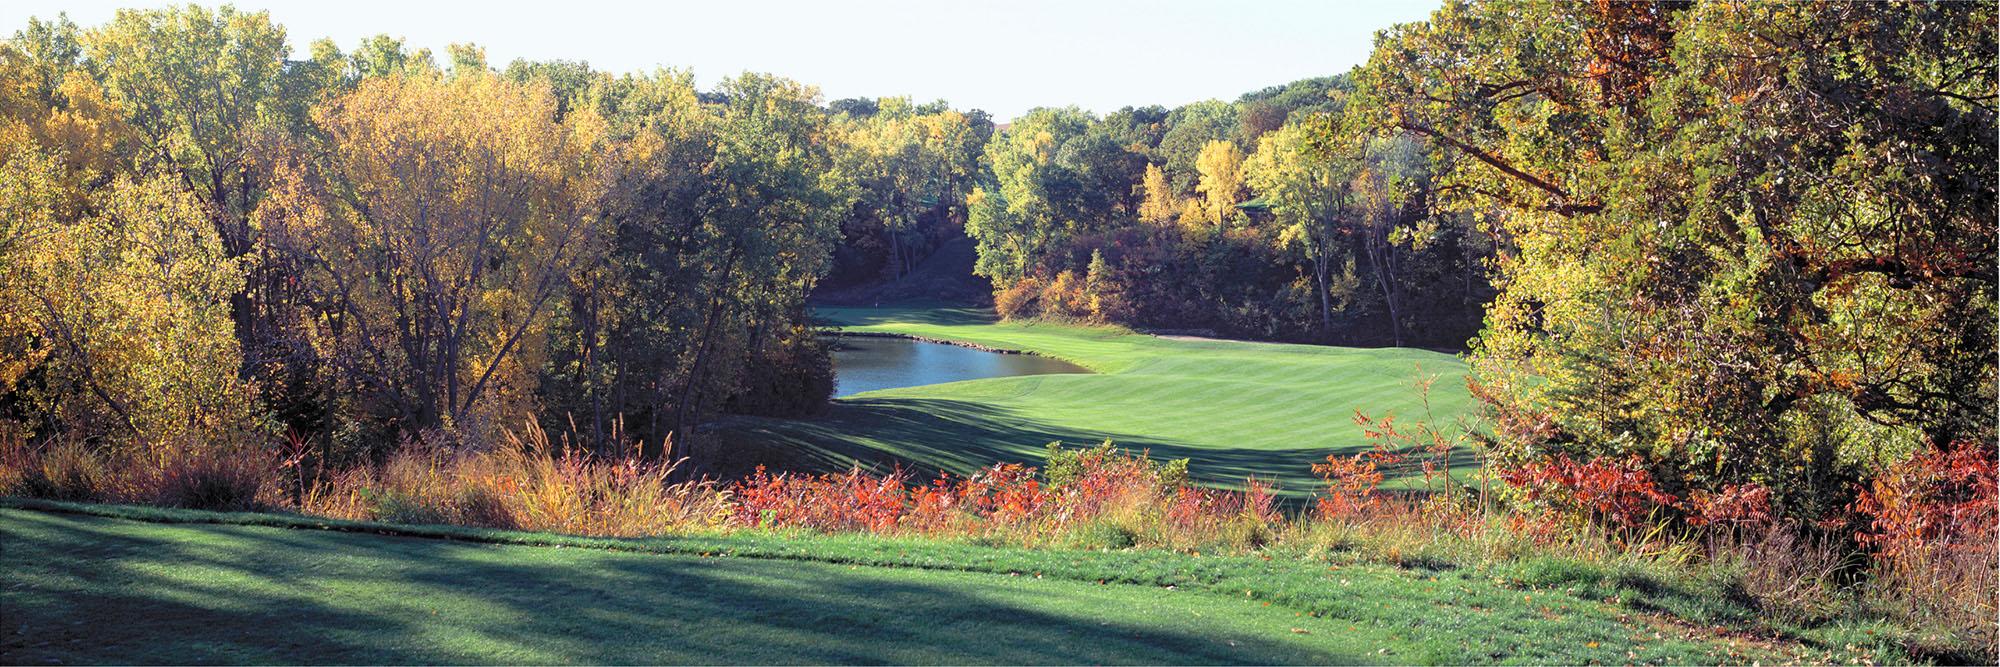 Golf Course Image - Quarry Oaks No. 17